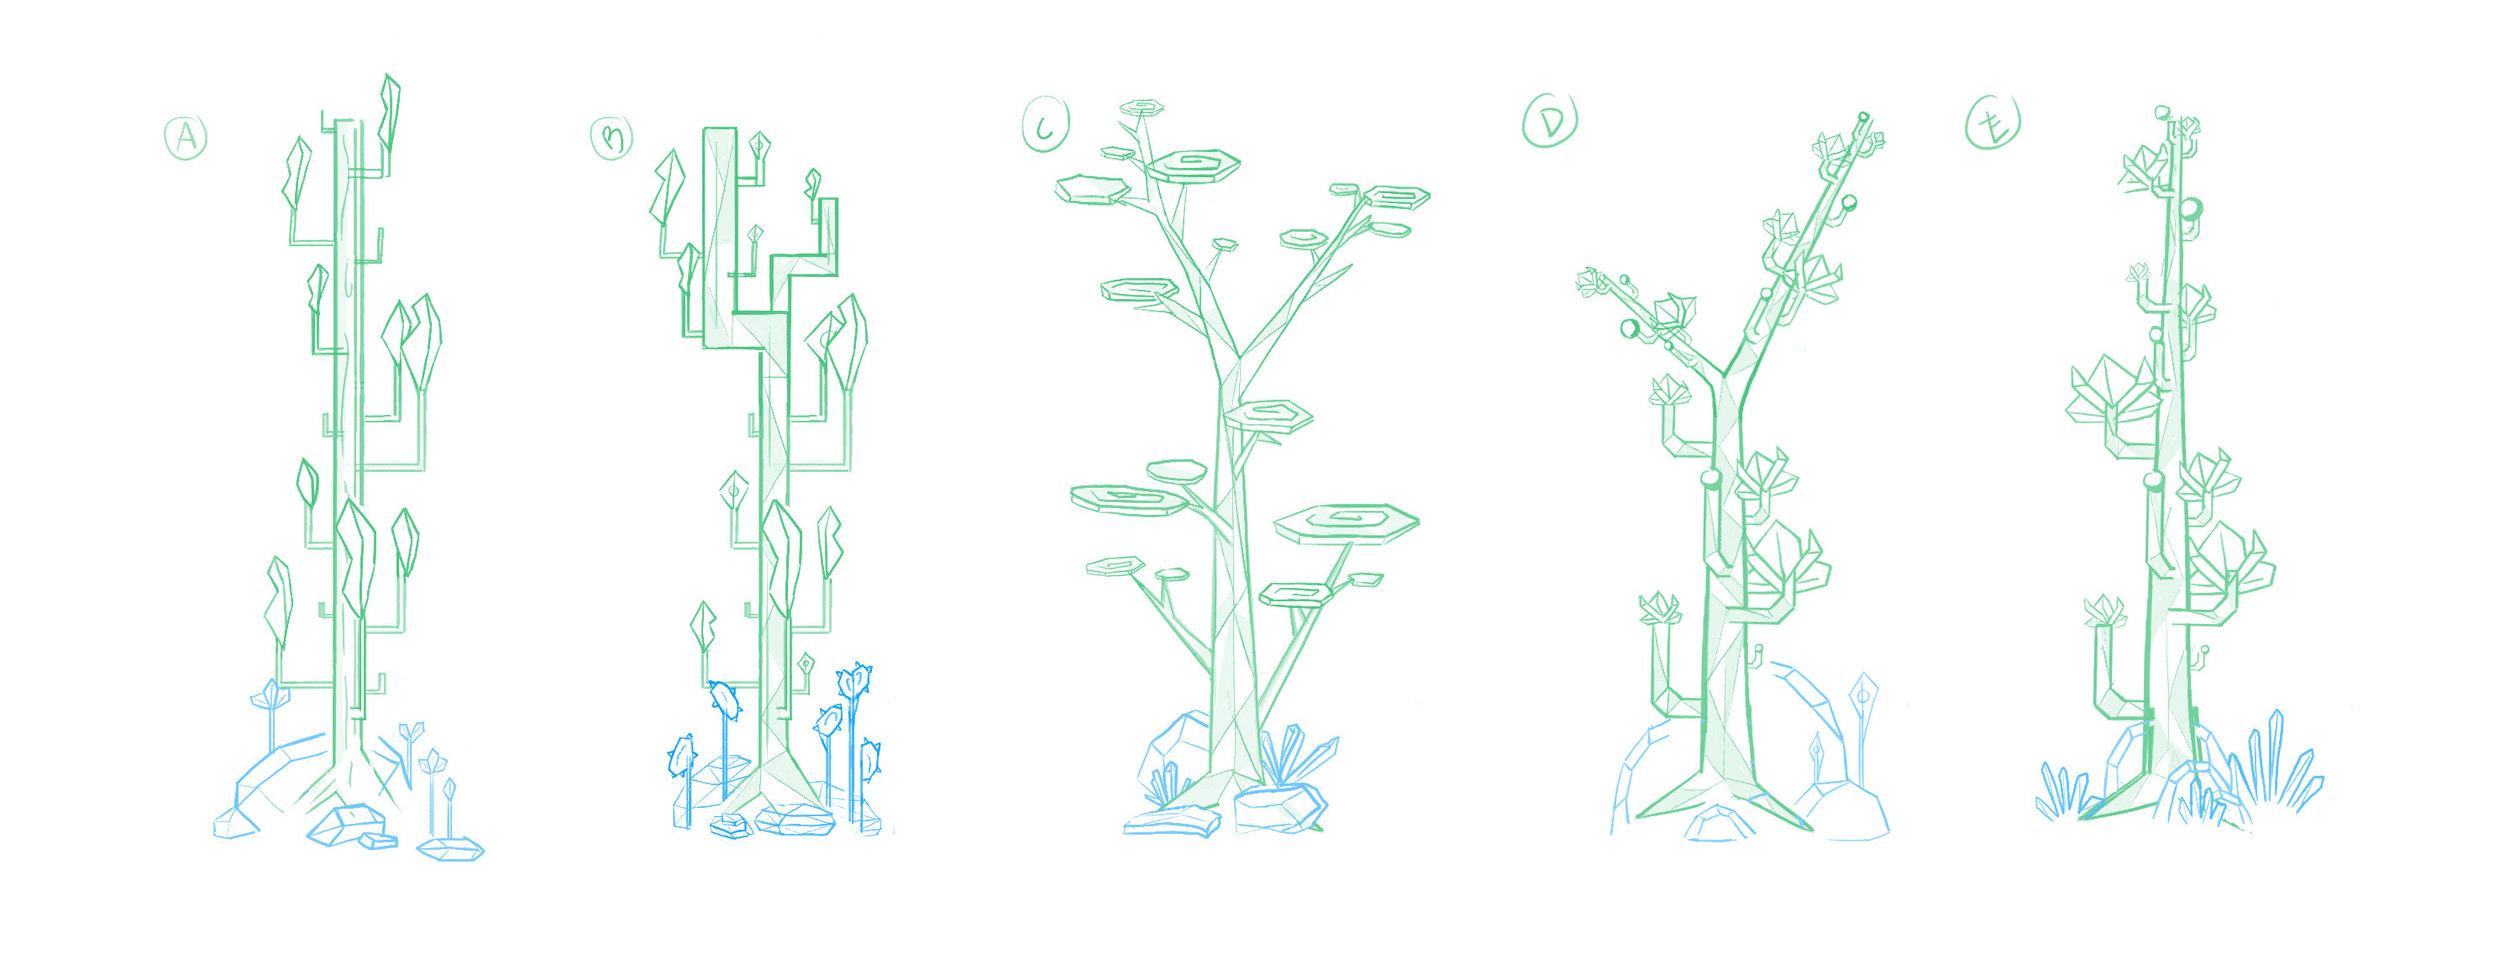 Strata-Tree-Sketches-WE-v005.jpg